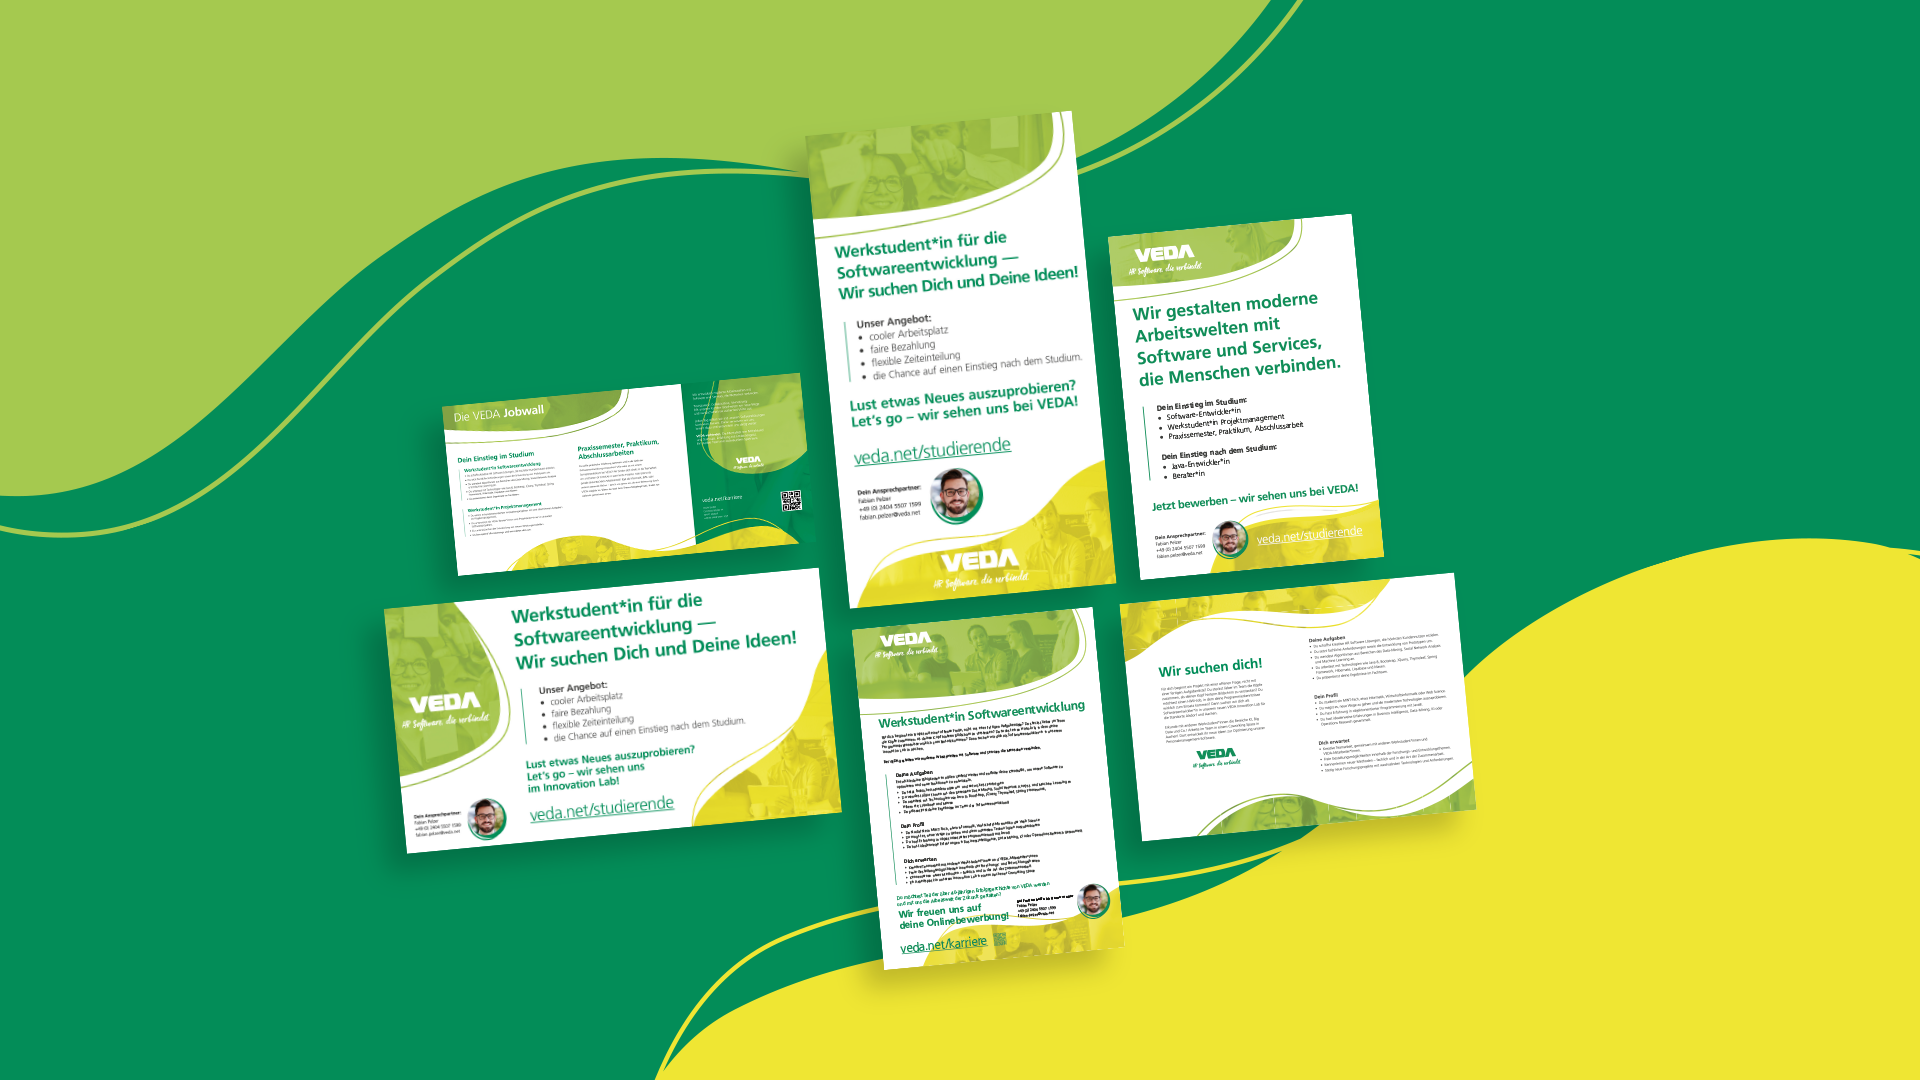 Gesammelte Übersicht diverser Formate für Stellenausschreibungen im VEDA Employer Branding.